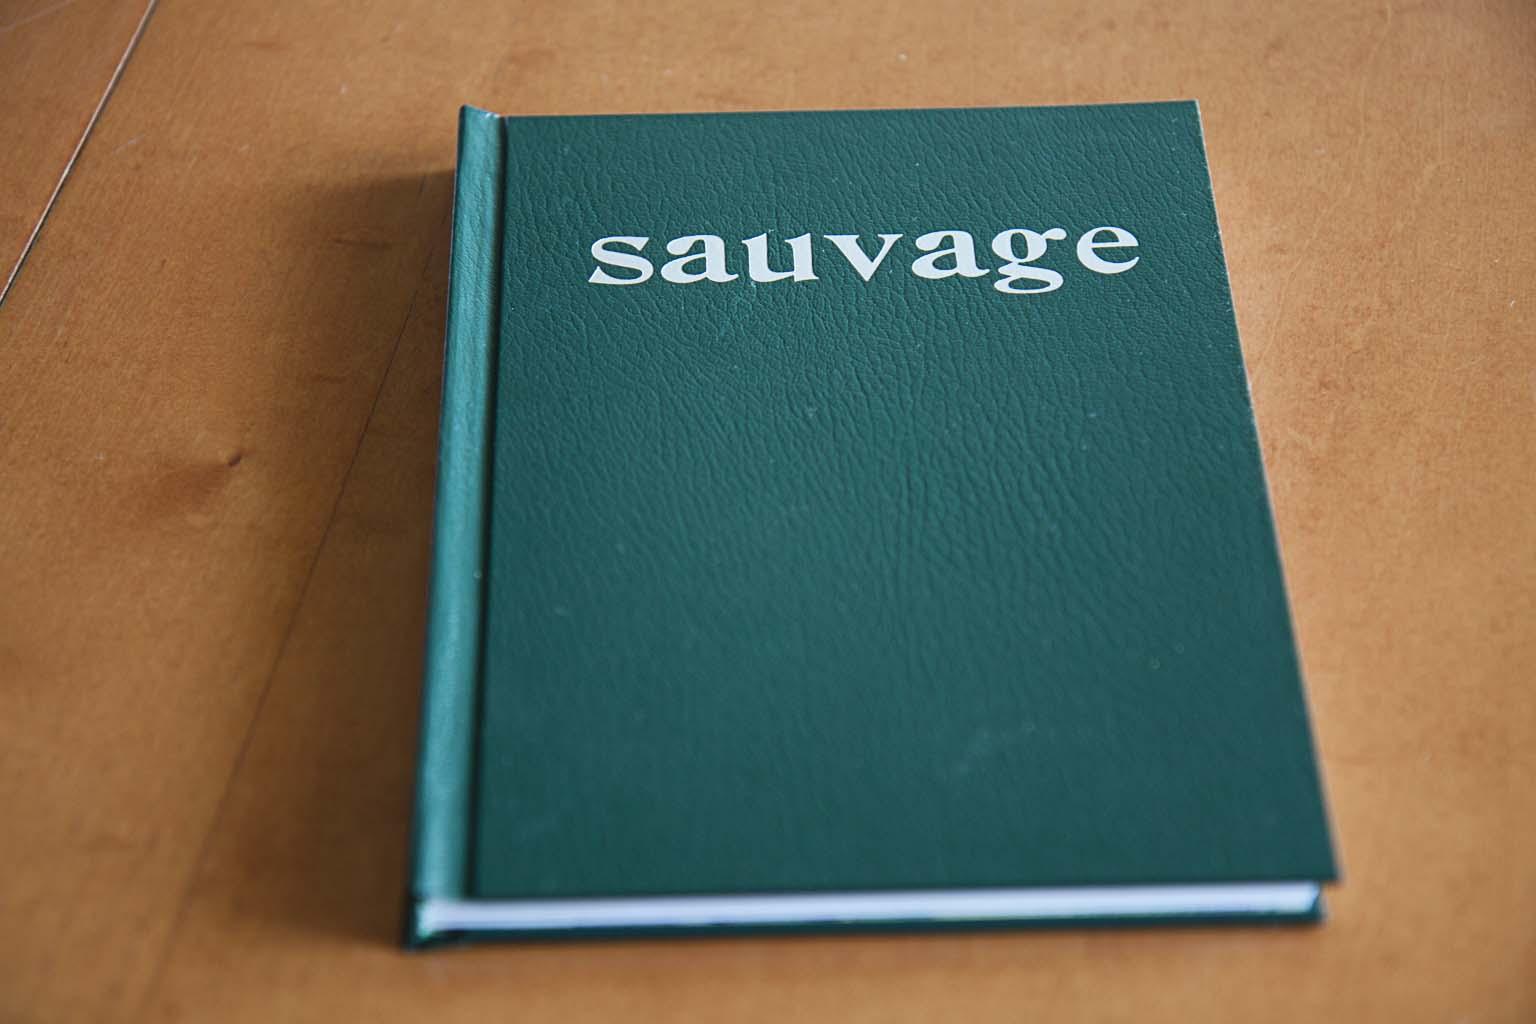 Sauvage. Fotolibro colectivo realizado el 20 de marzo de 2014 en el taller de fotolibros organizado por el Photobookclub Madrid en colaboración con la Imprenta Municipal - Artes del Libro.